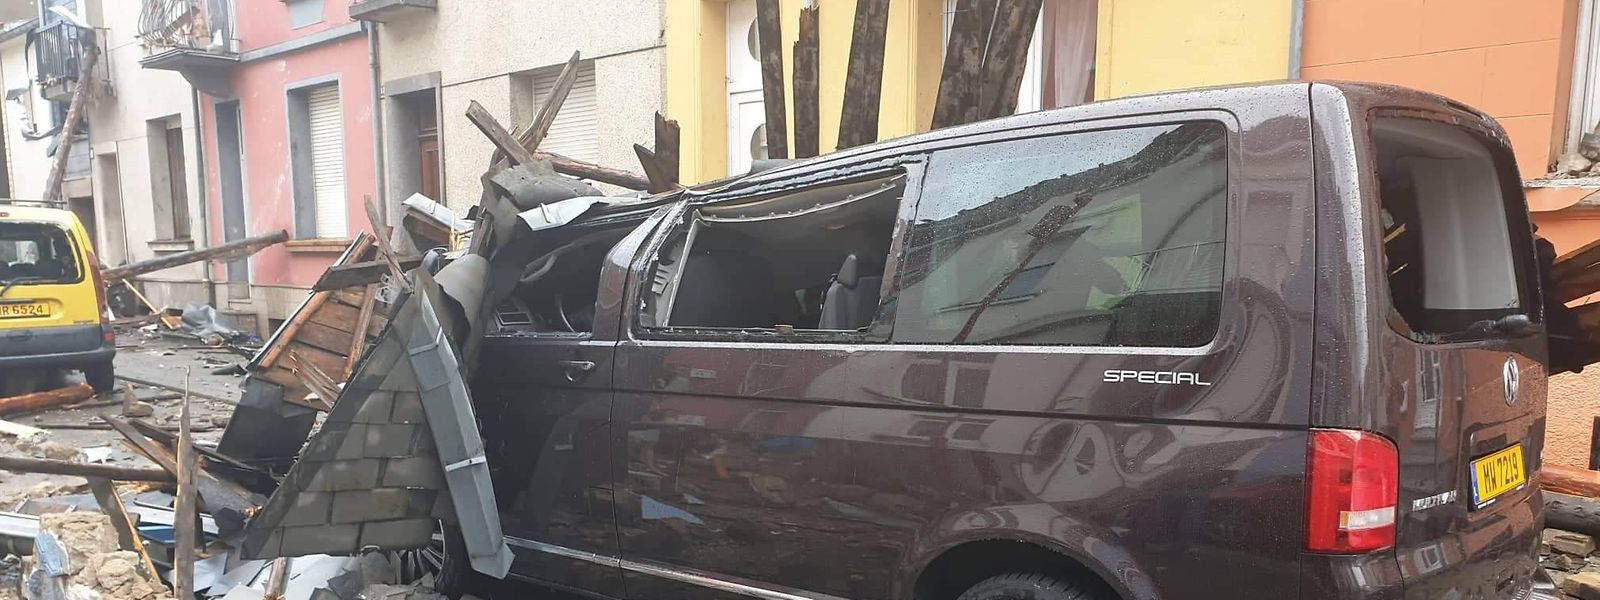 Zahlreiche Autos wurden von herabfallenden Trümmerteilen zerstört.